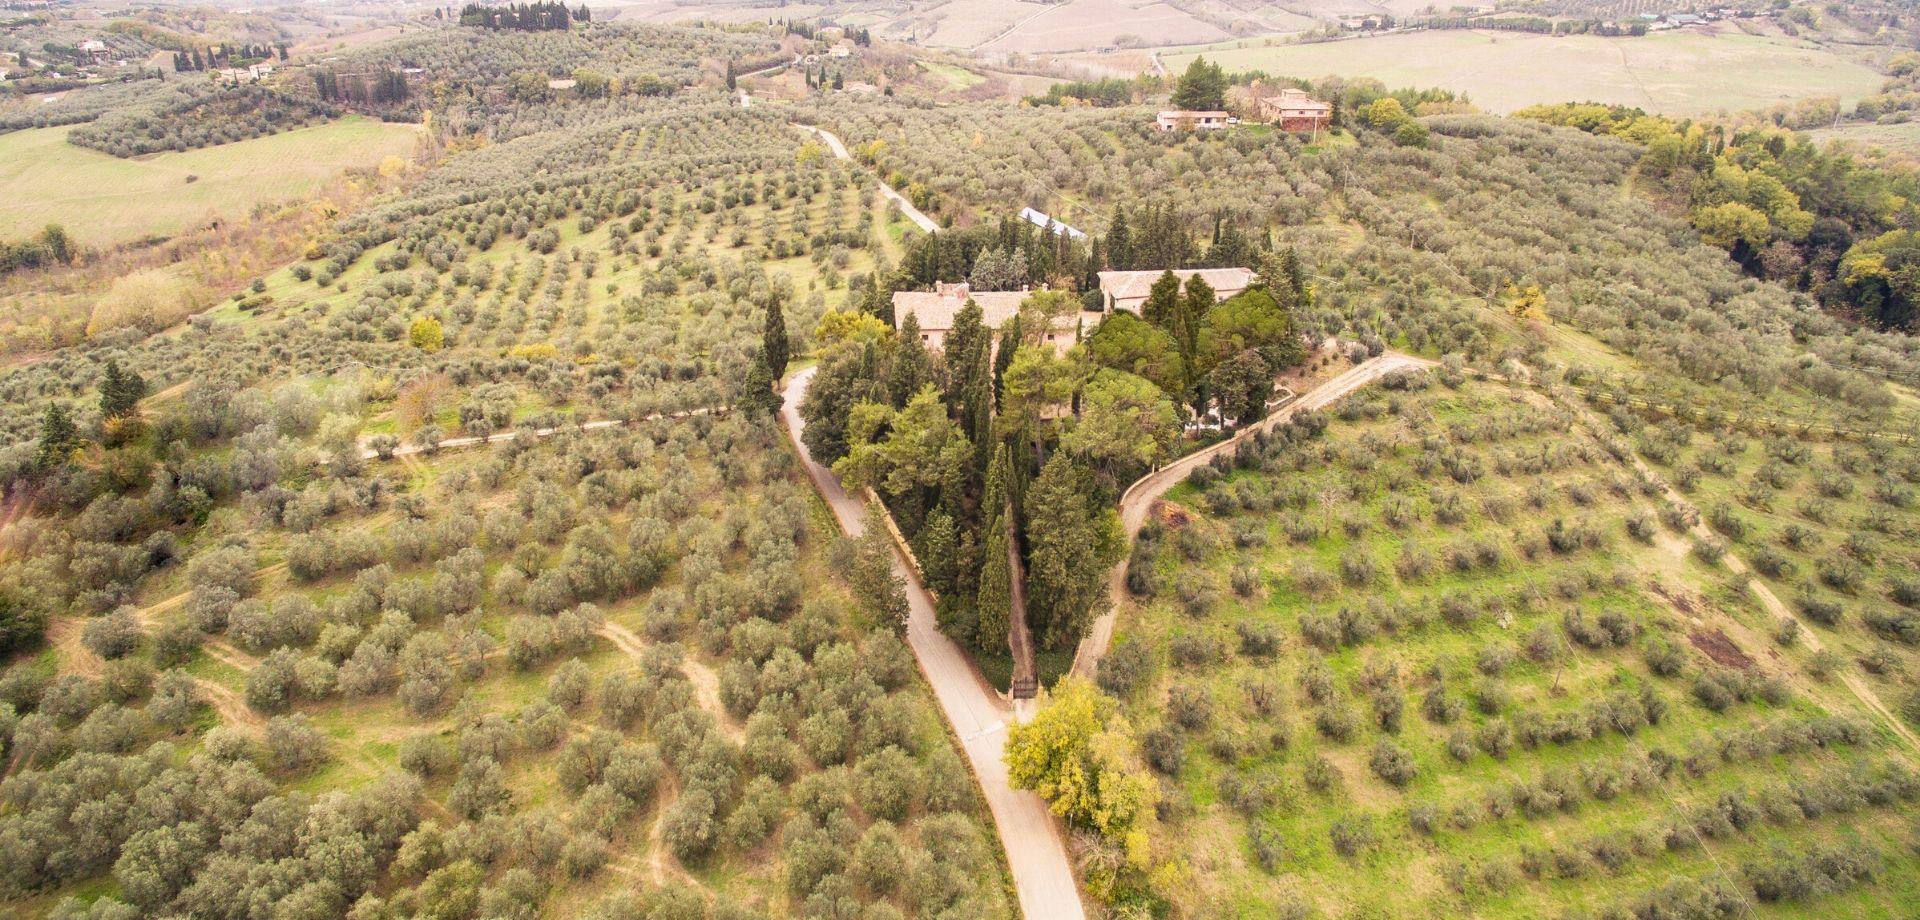 Degustazione olio toscano a Certaldo